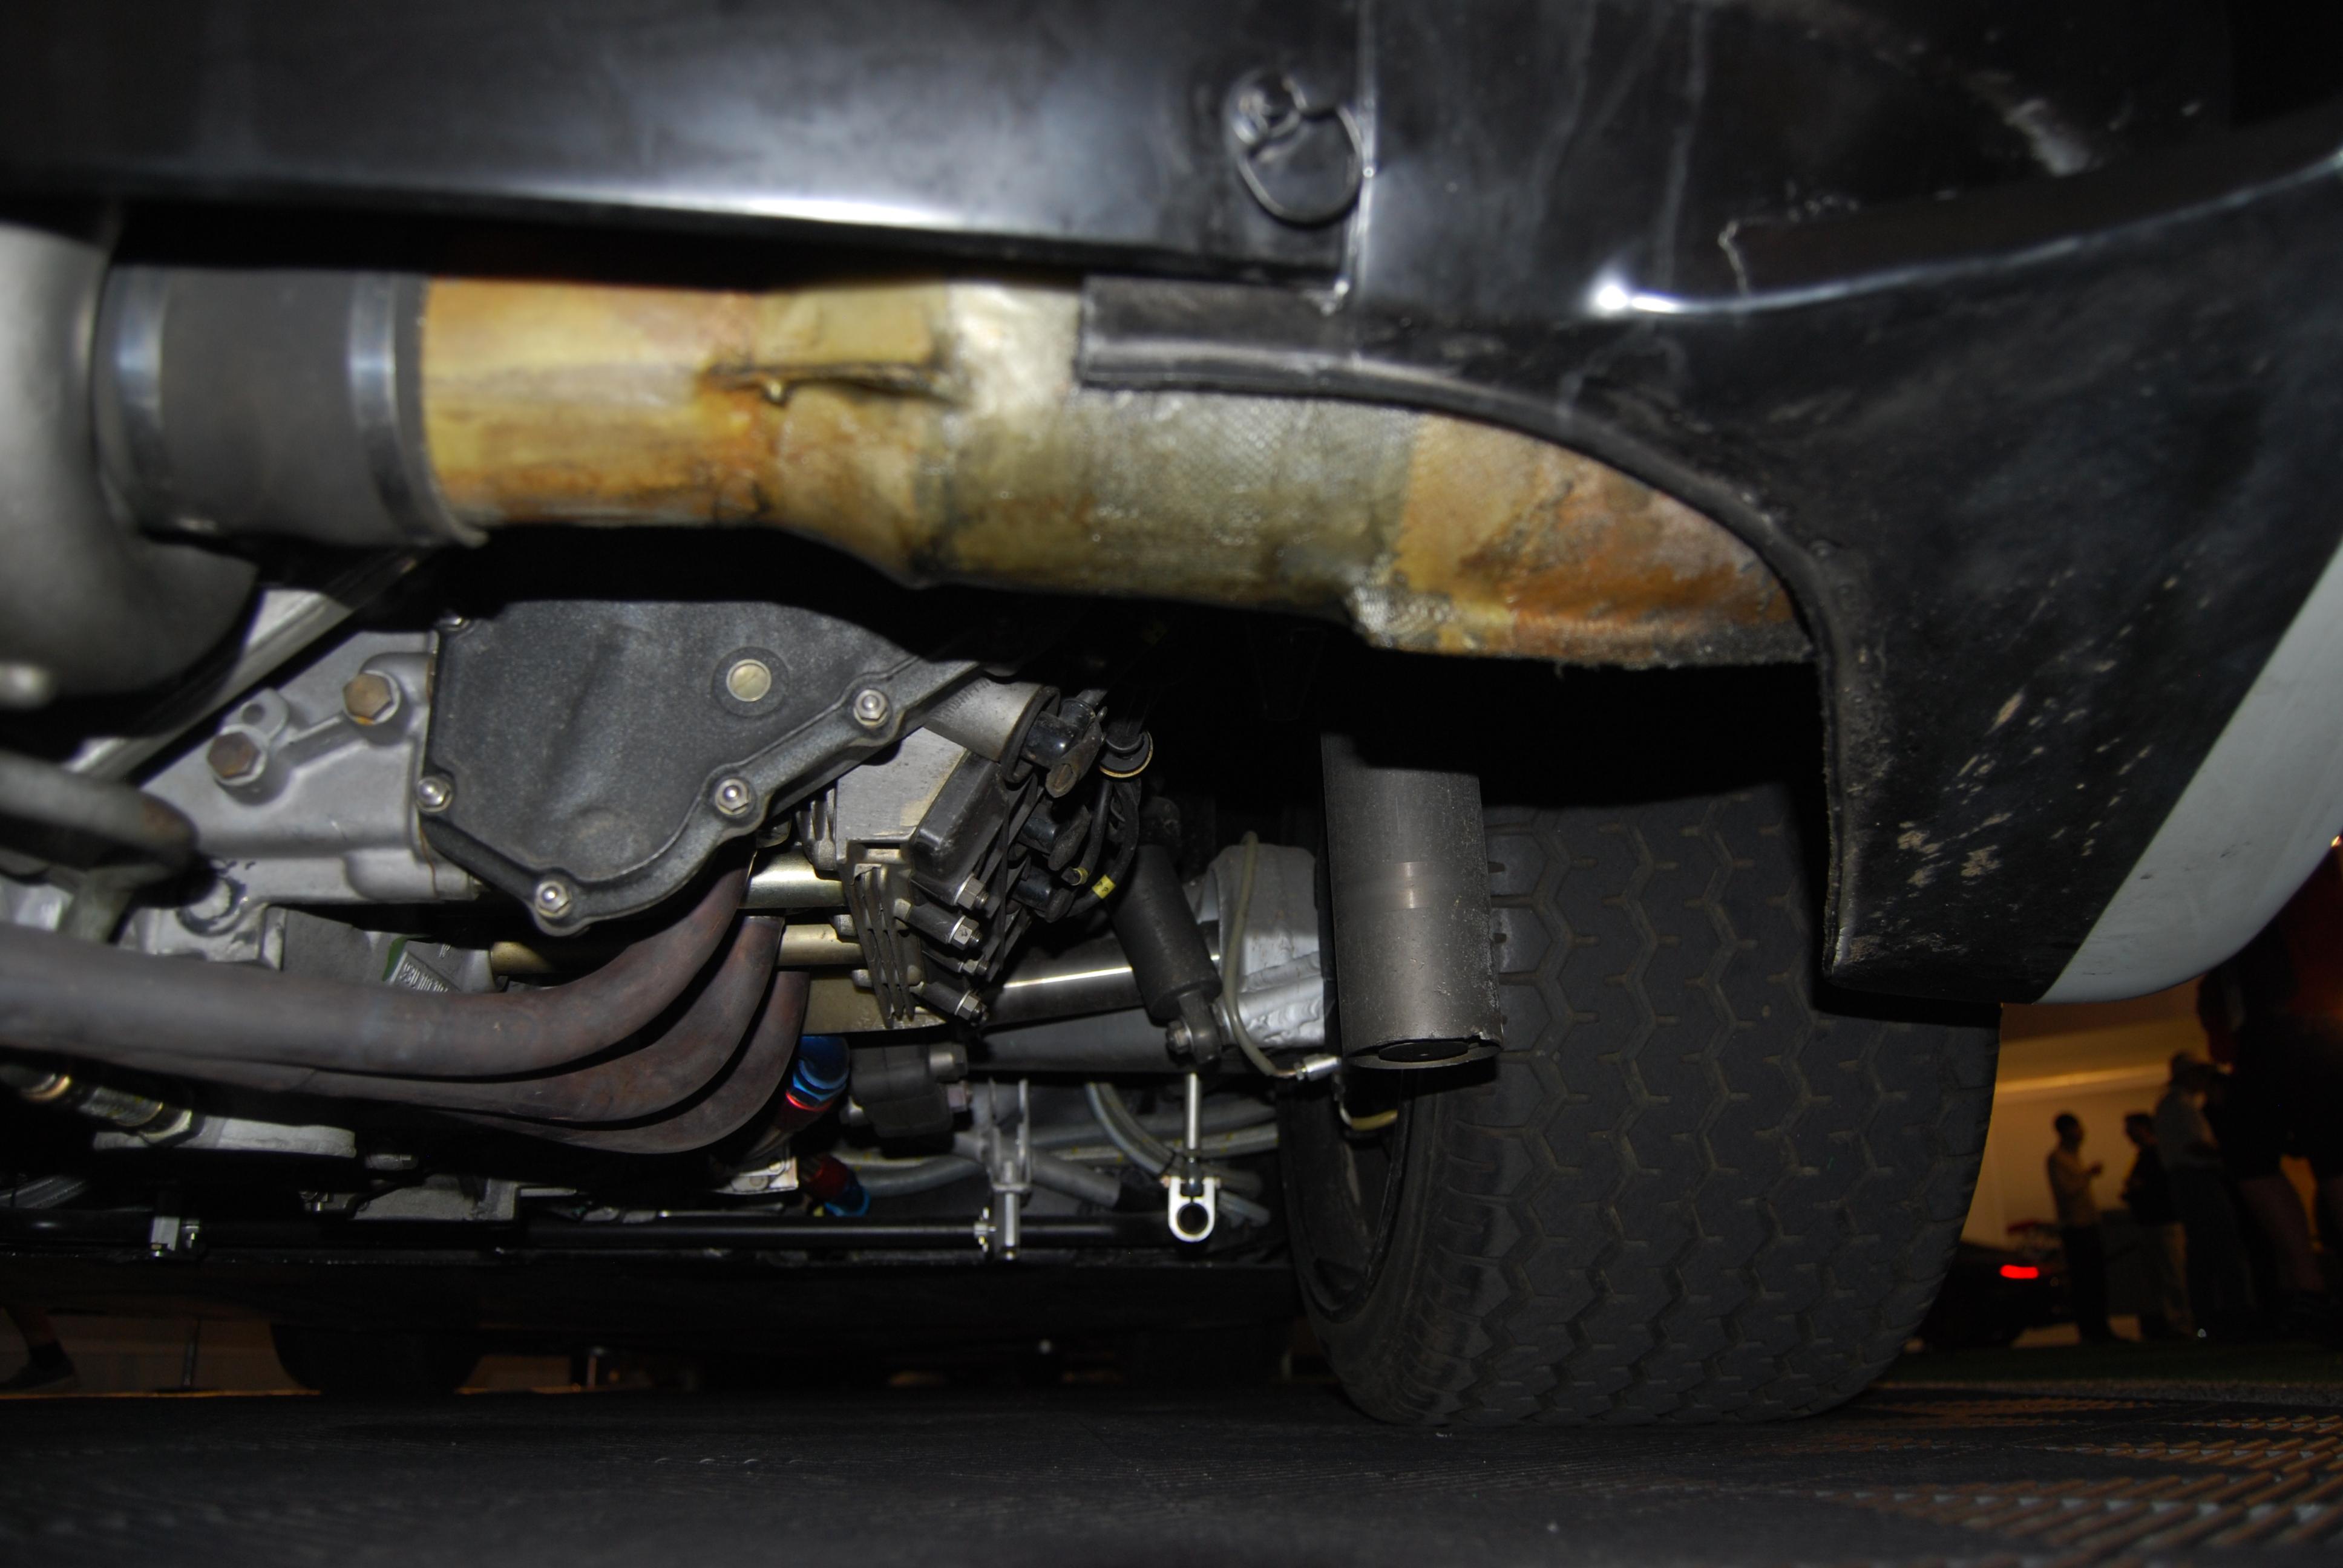 File Porsche 935 Baby 1 4l Turbo Compressor Engine Suspension 7526216728 Jpg Wikimedia Commons